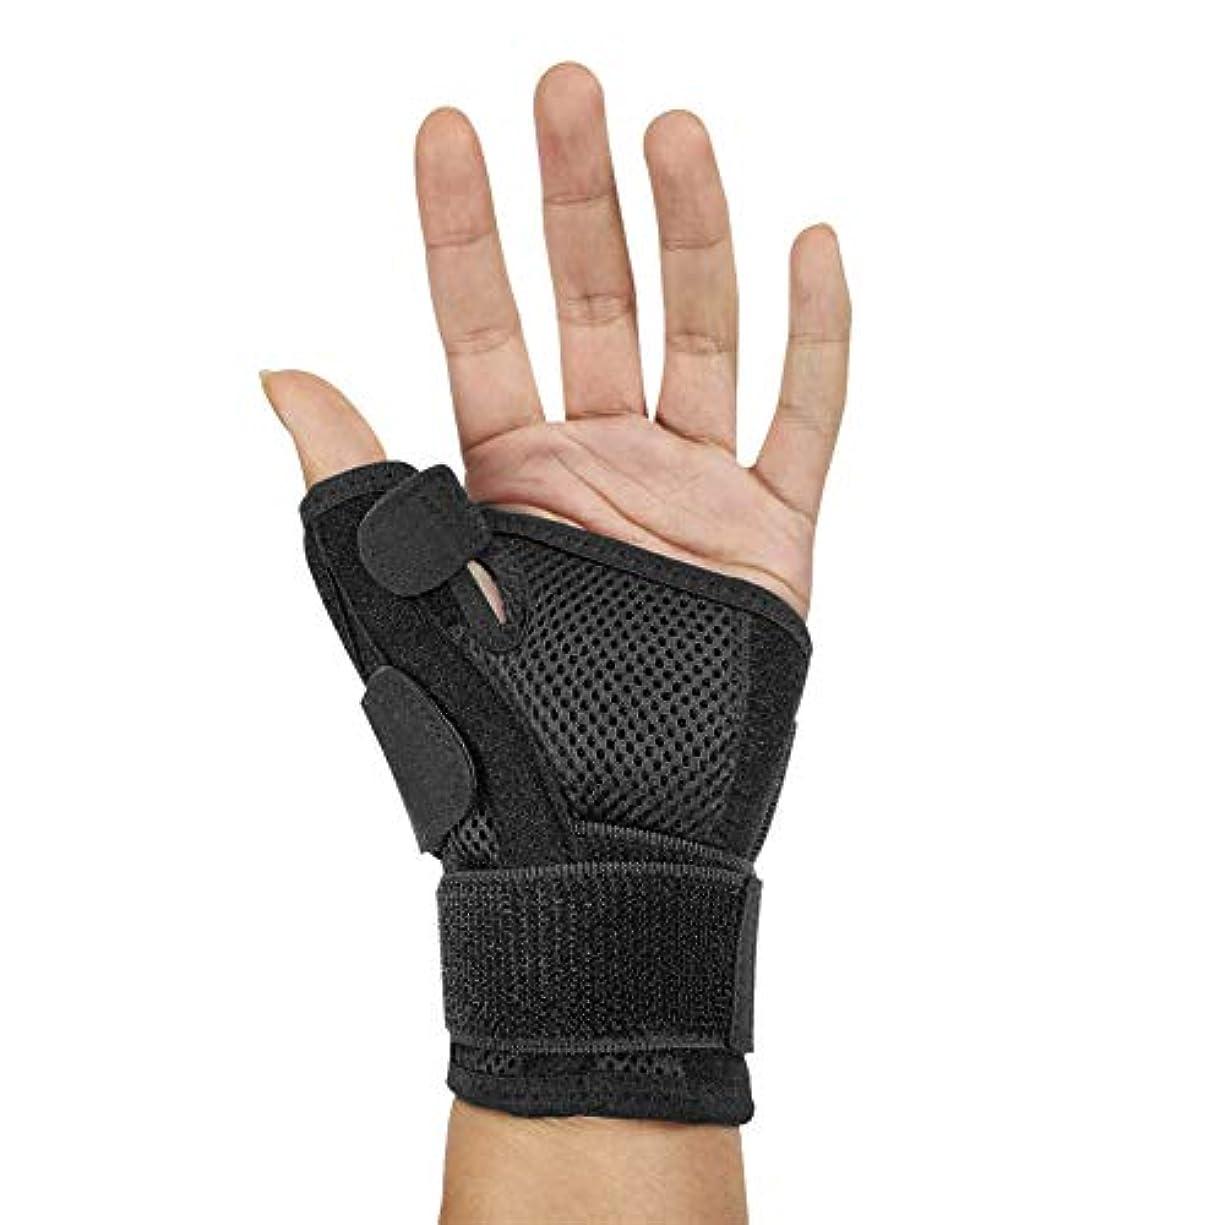 フォルダしてはいけない甥指サポーター ばね指サポーター バネ指 腱鞘炎 指保護 固定 調整自在 左右兼用 フリーサイズ